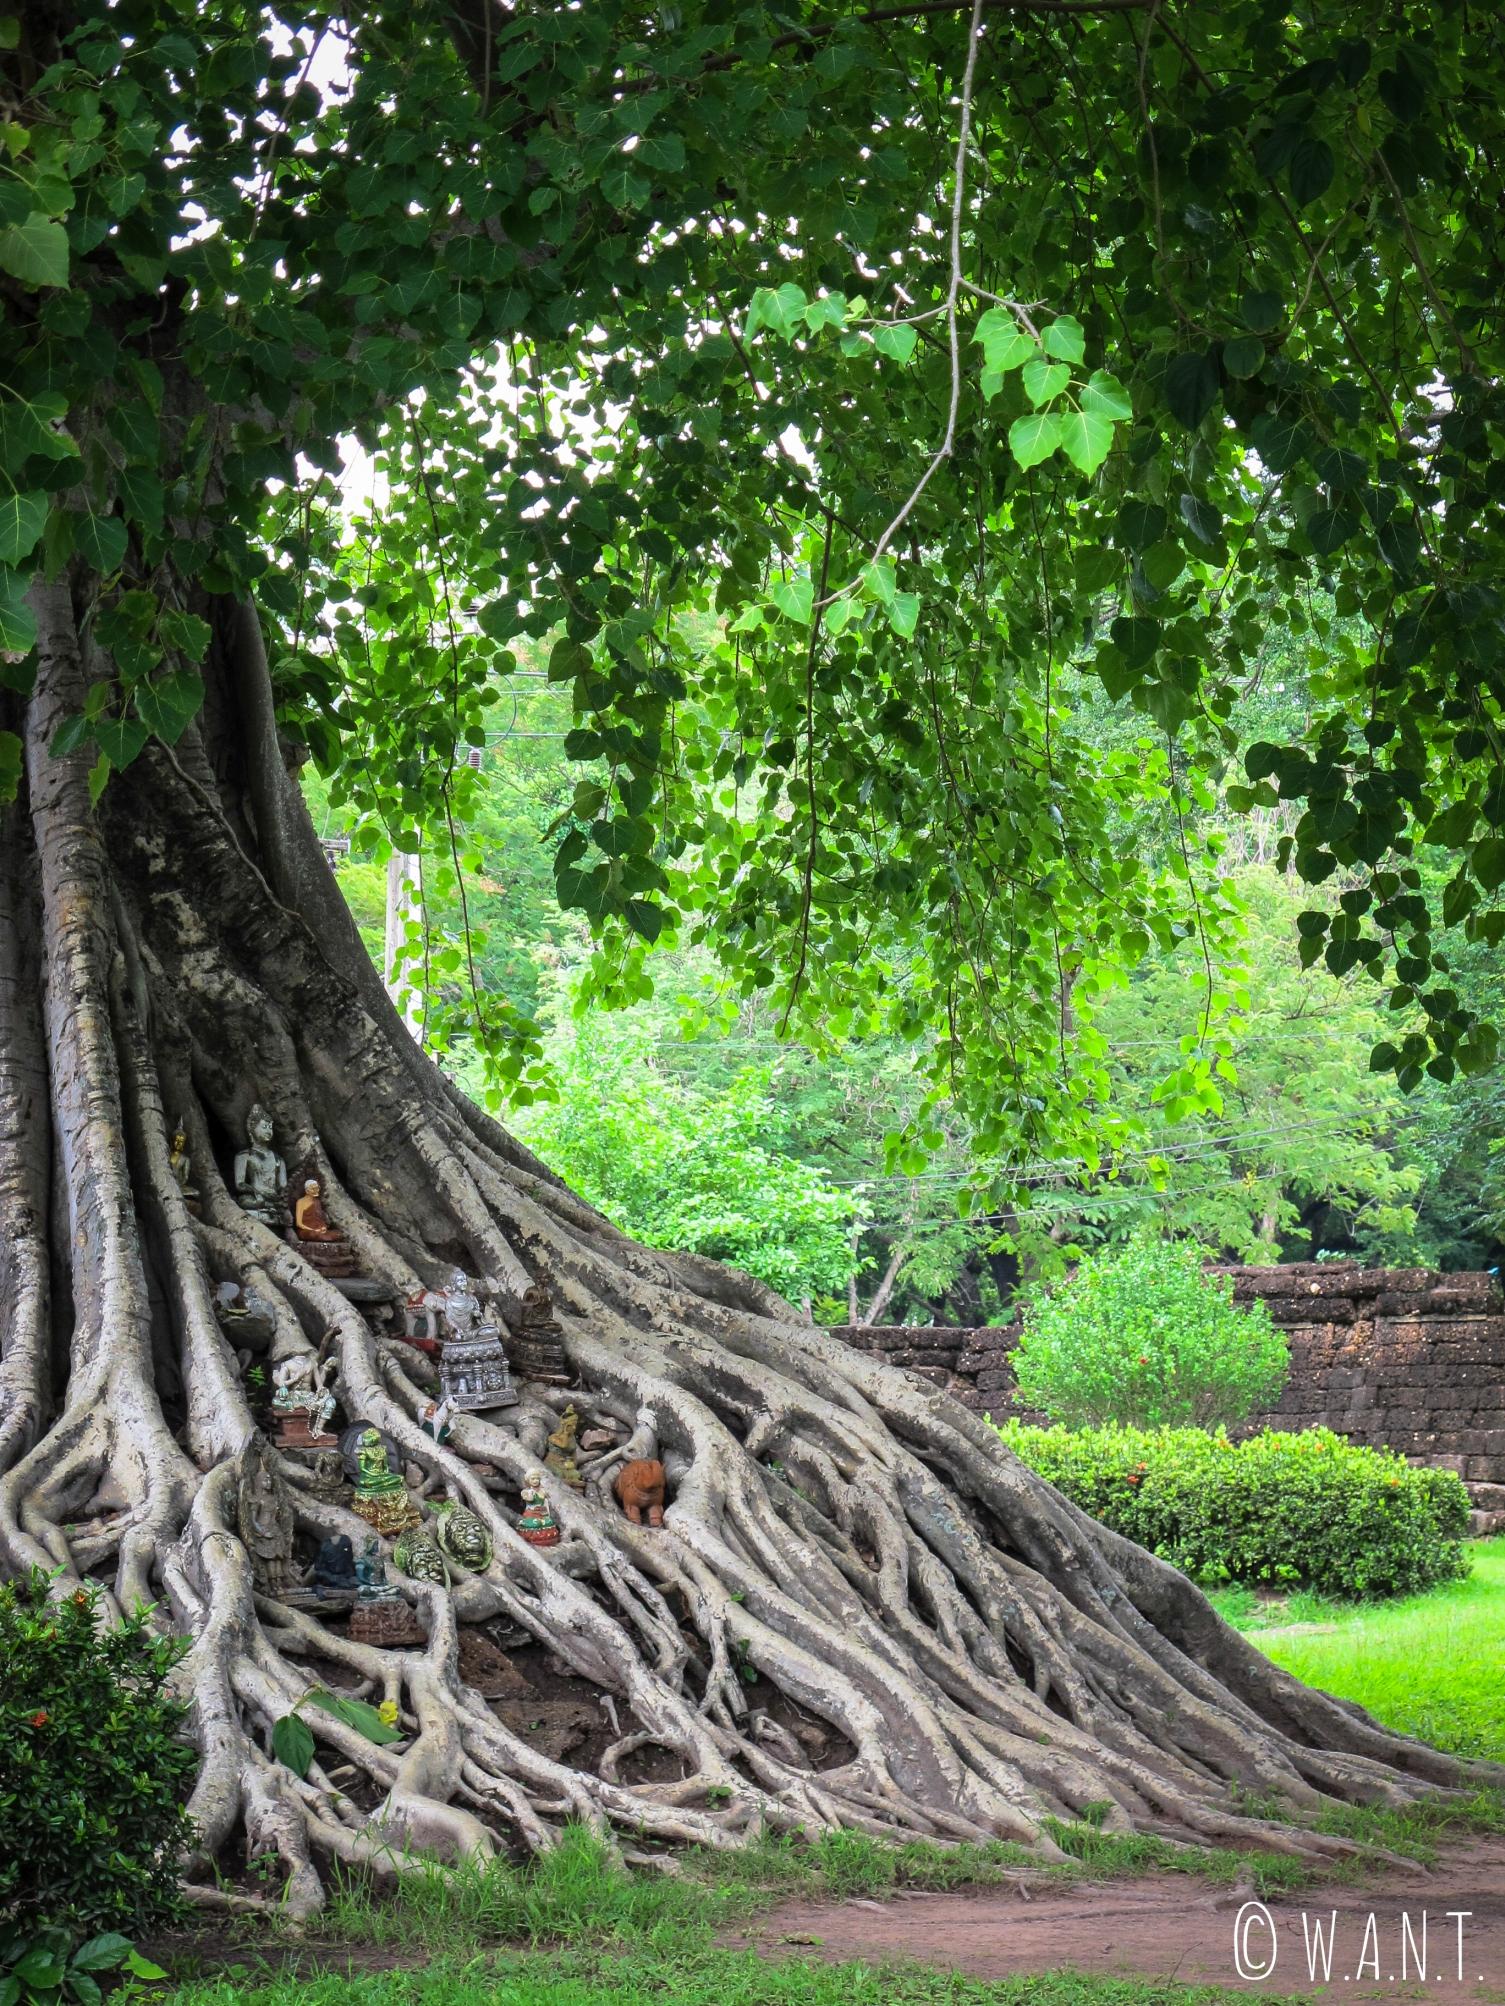 Racines ornées d'offrandes dans le parc historique de Sukhothai